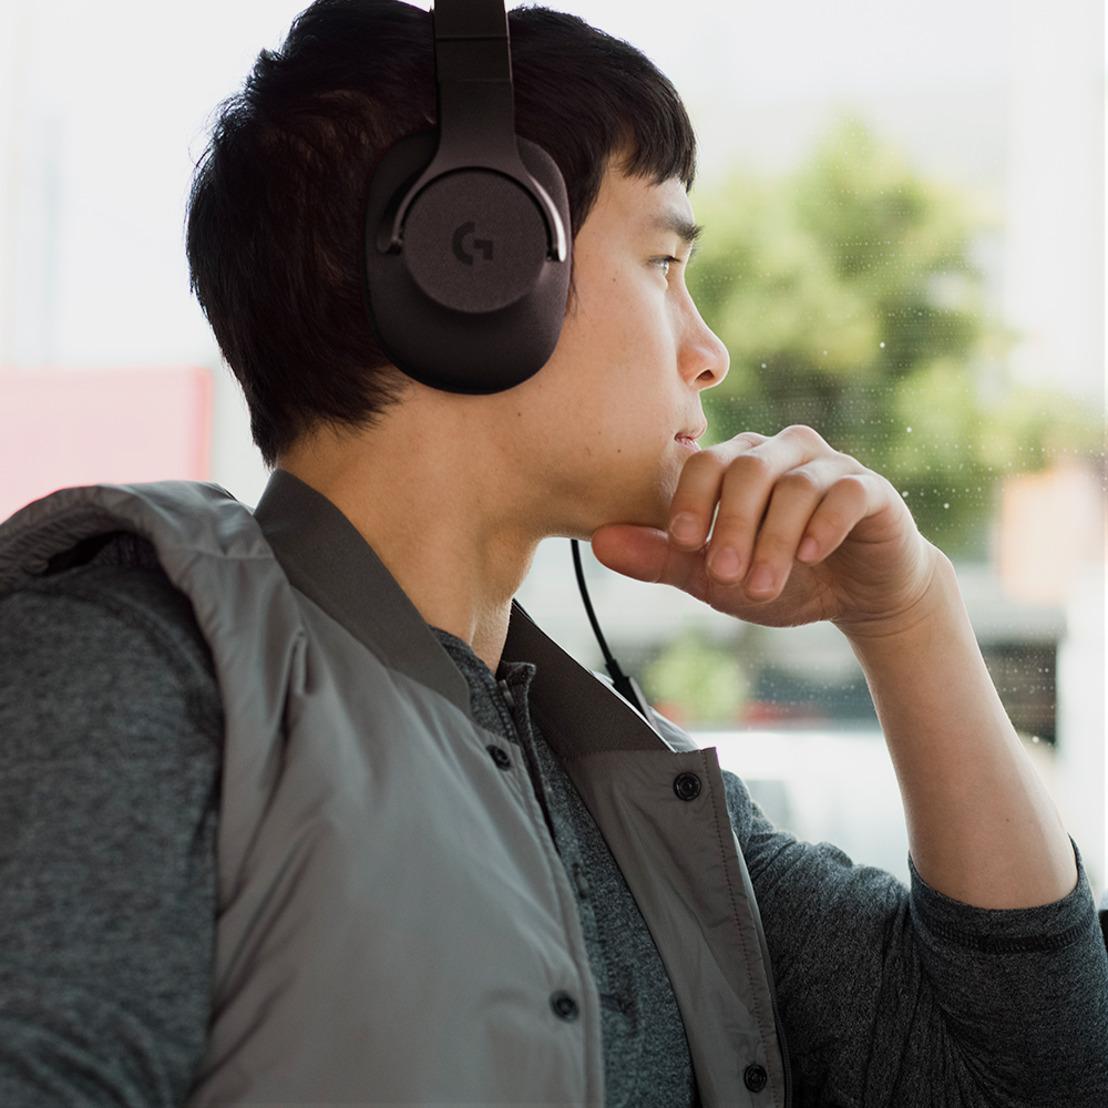 Audífonos Logitech® G433 y G233, la unión perfecta entre gaming y moda